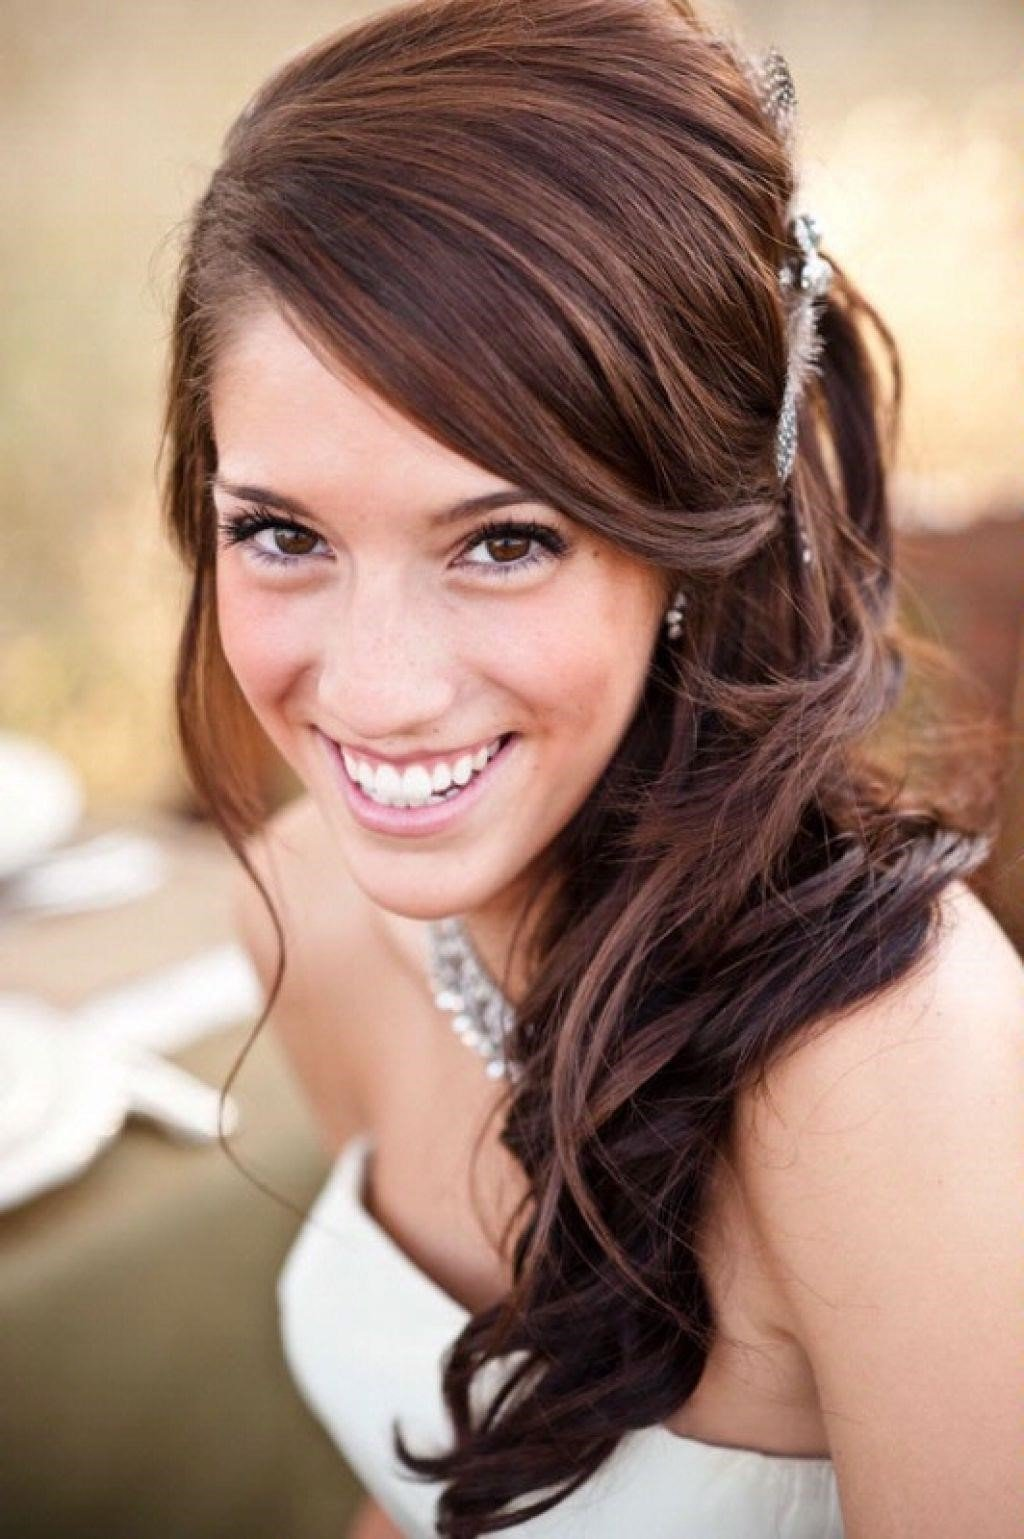 Все фото свадебных причесок на боку